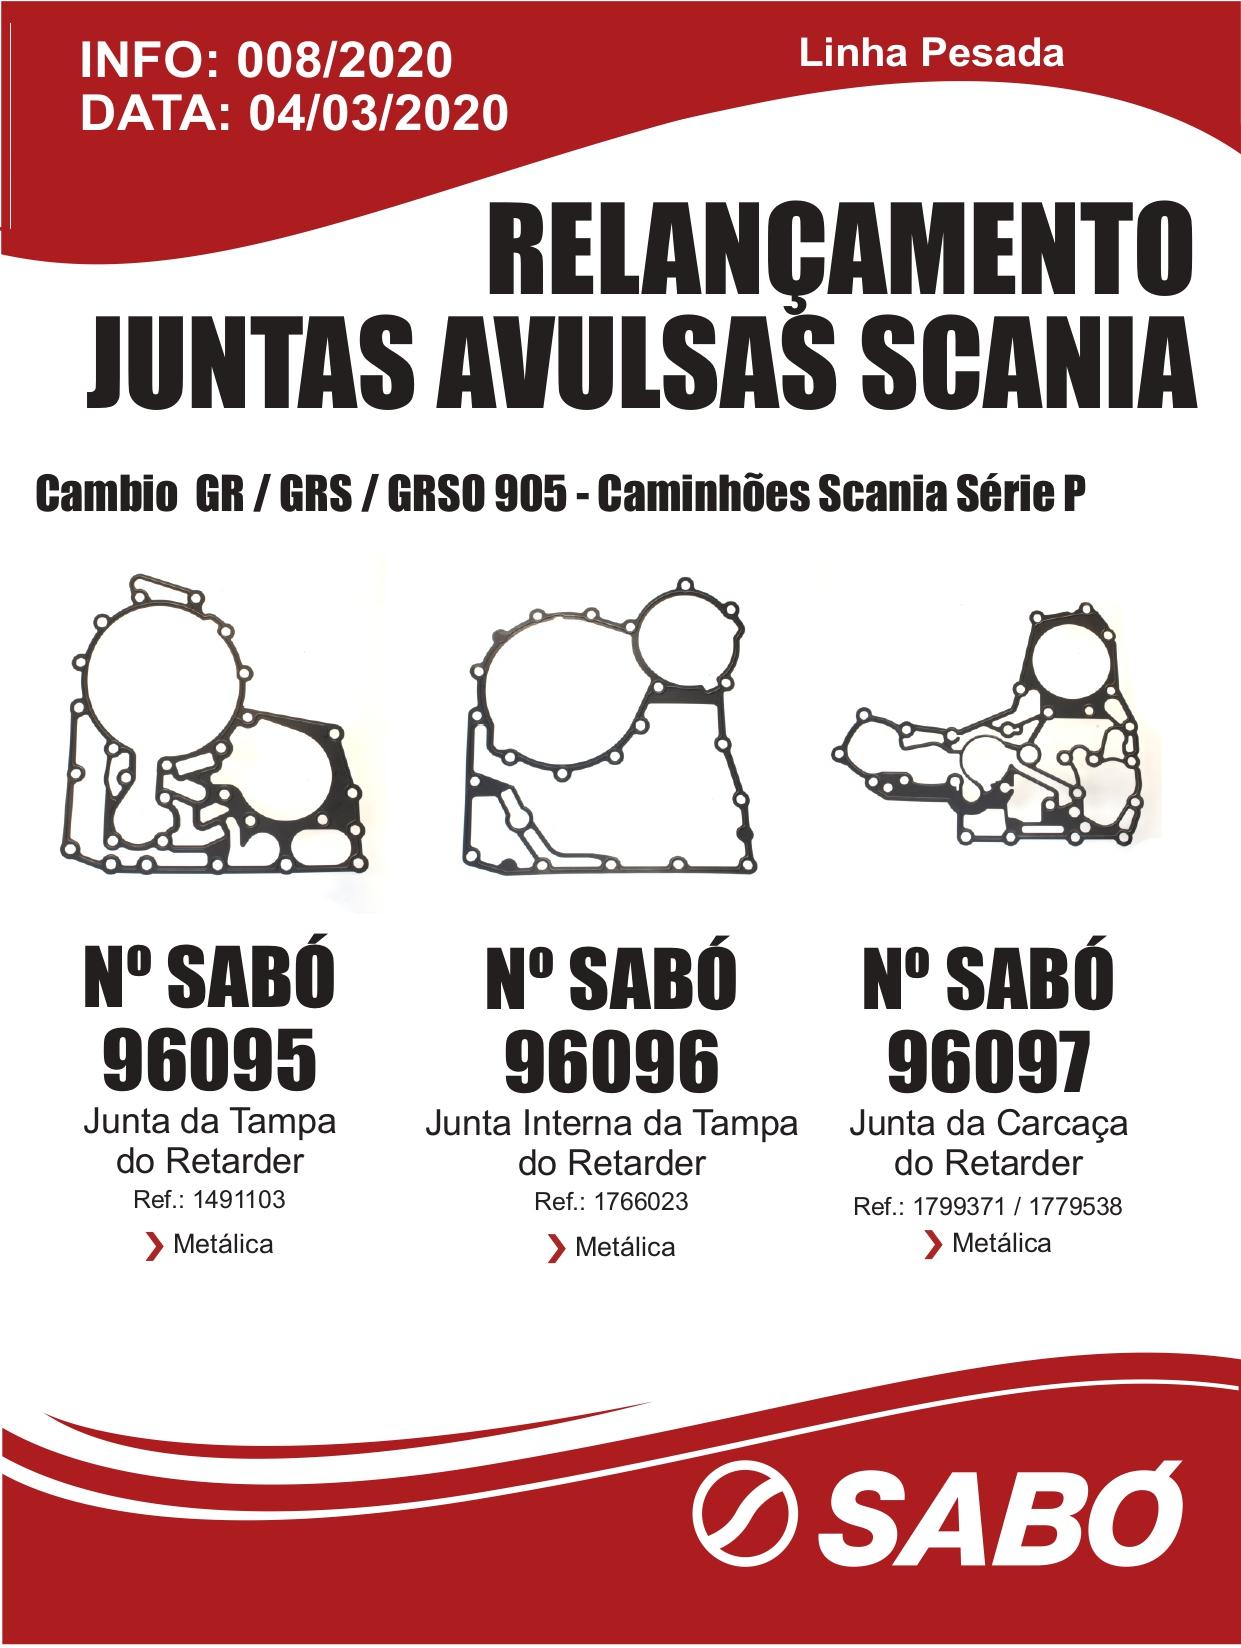 Info_008__Juntas_Avulsas_Scania_page-0001